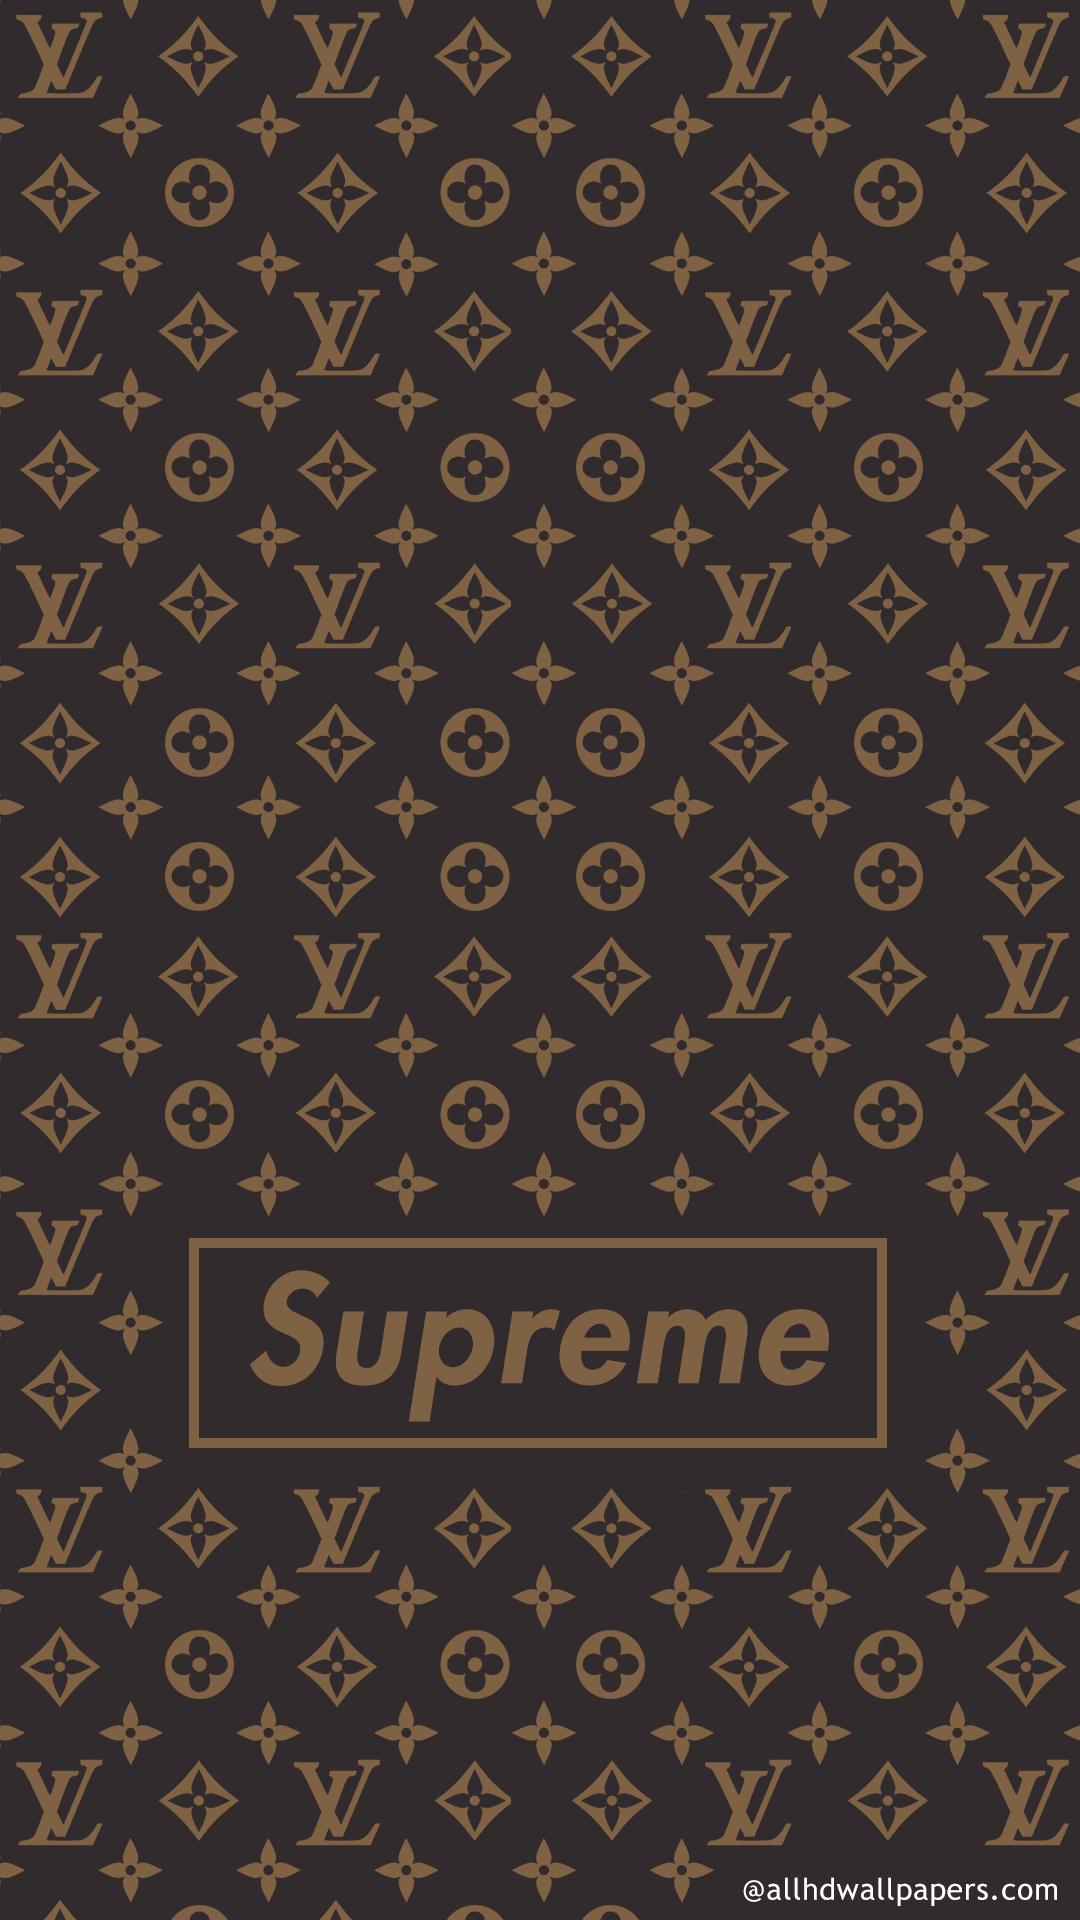 46+ Supreme Wallpaper iPhone Vertical on WallpaperSafari